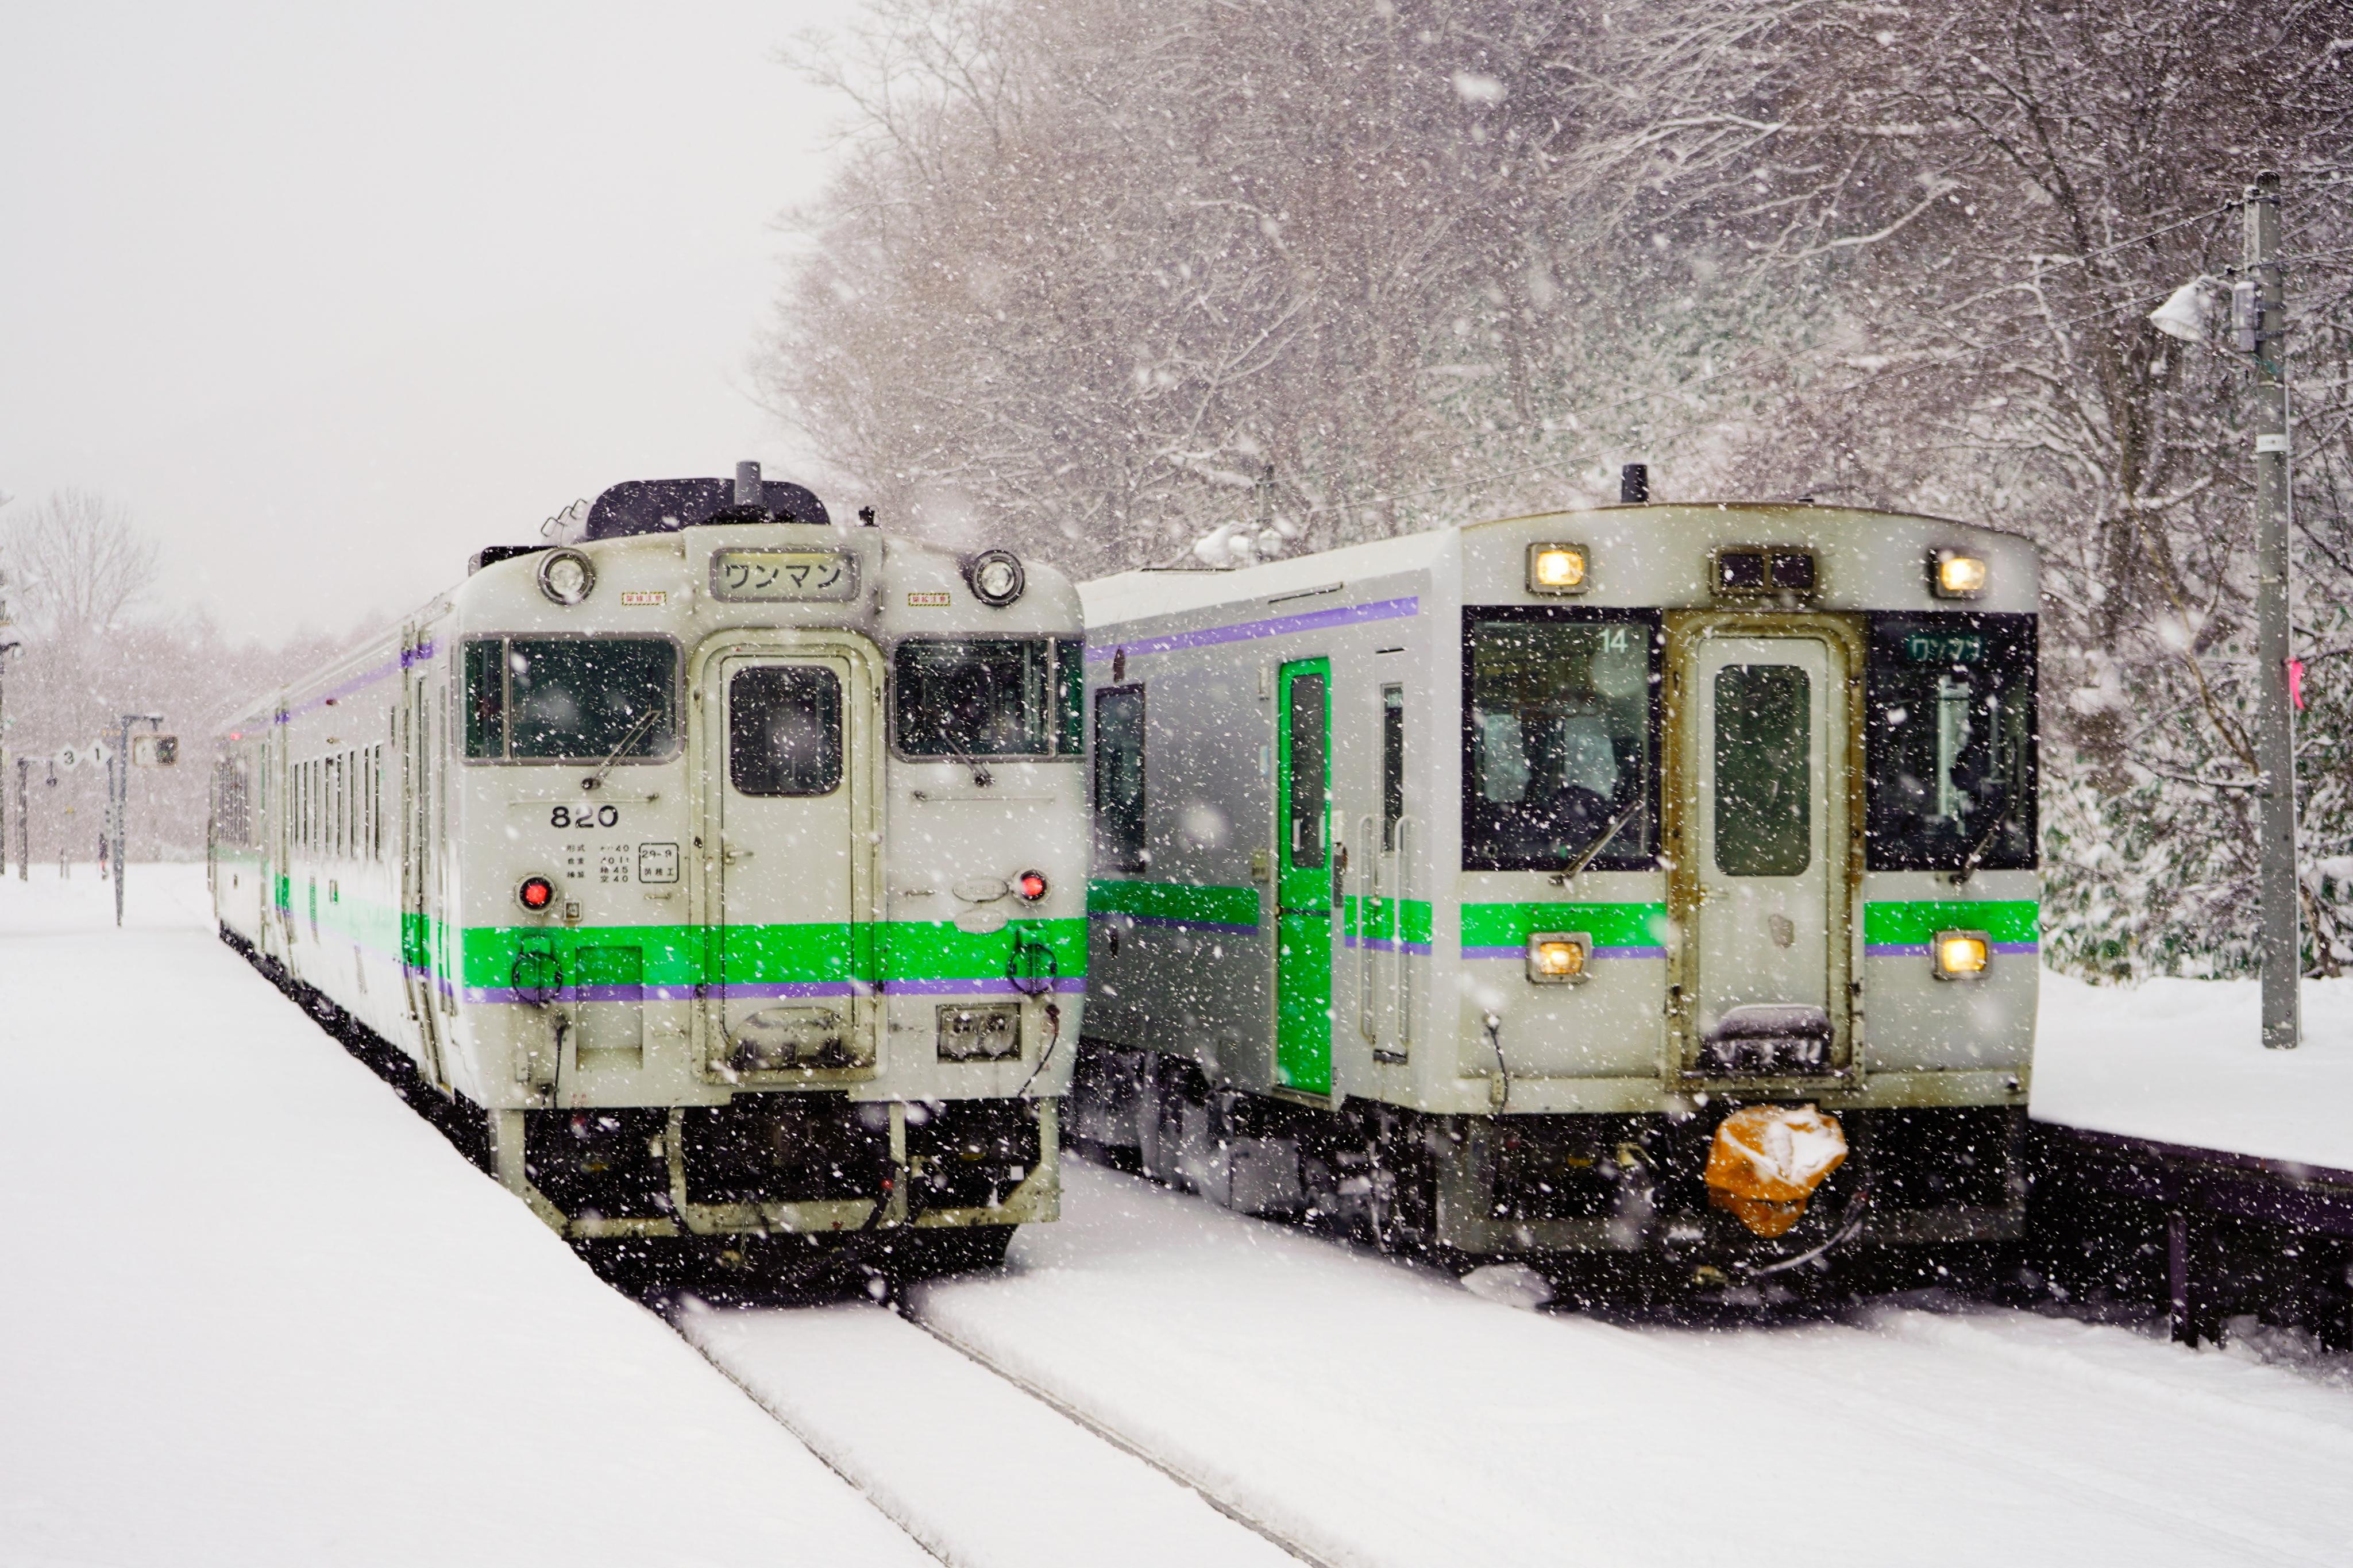 キハ150 1939D&キハ40 1940D  銀山駅 200112.jpg